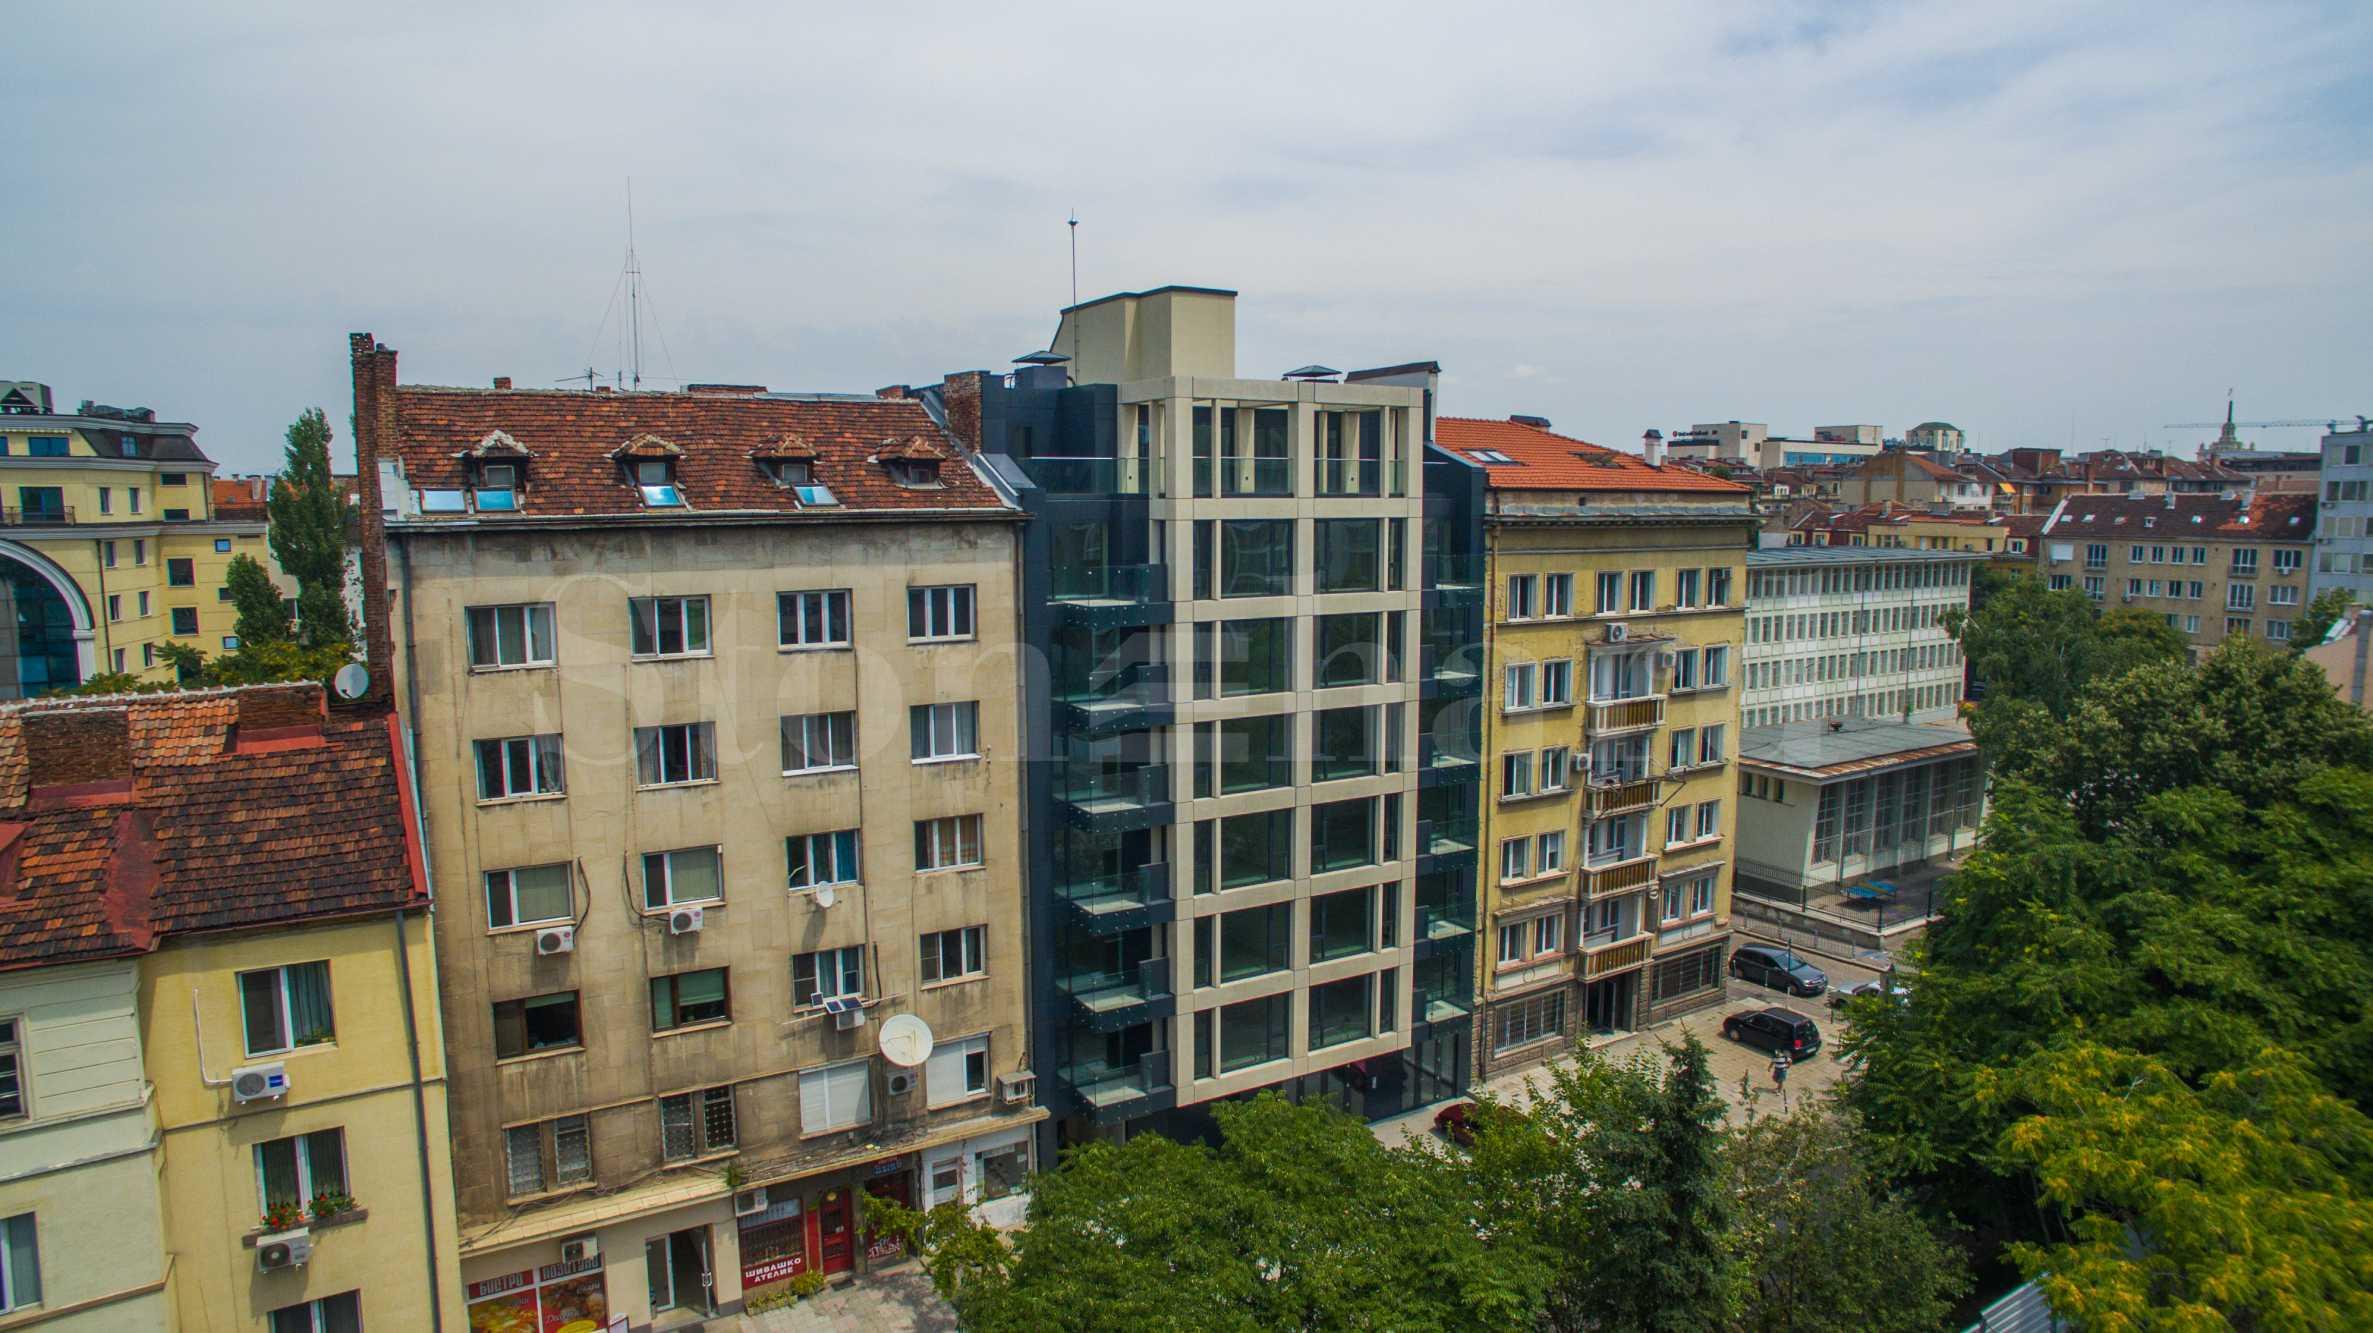 Последен 3-стаен апартамент и магазин в сграда с Акт 16 до Съдебната палата2 - Stonehard